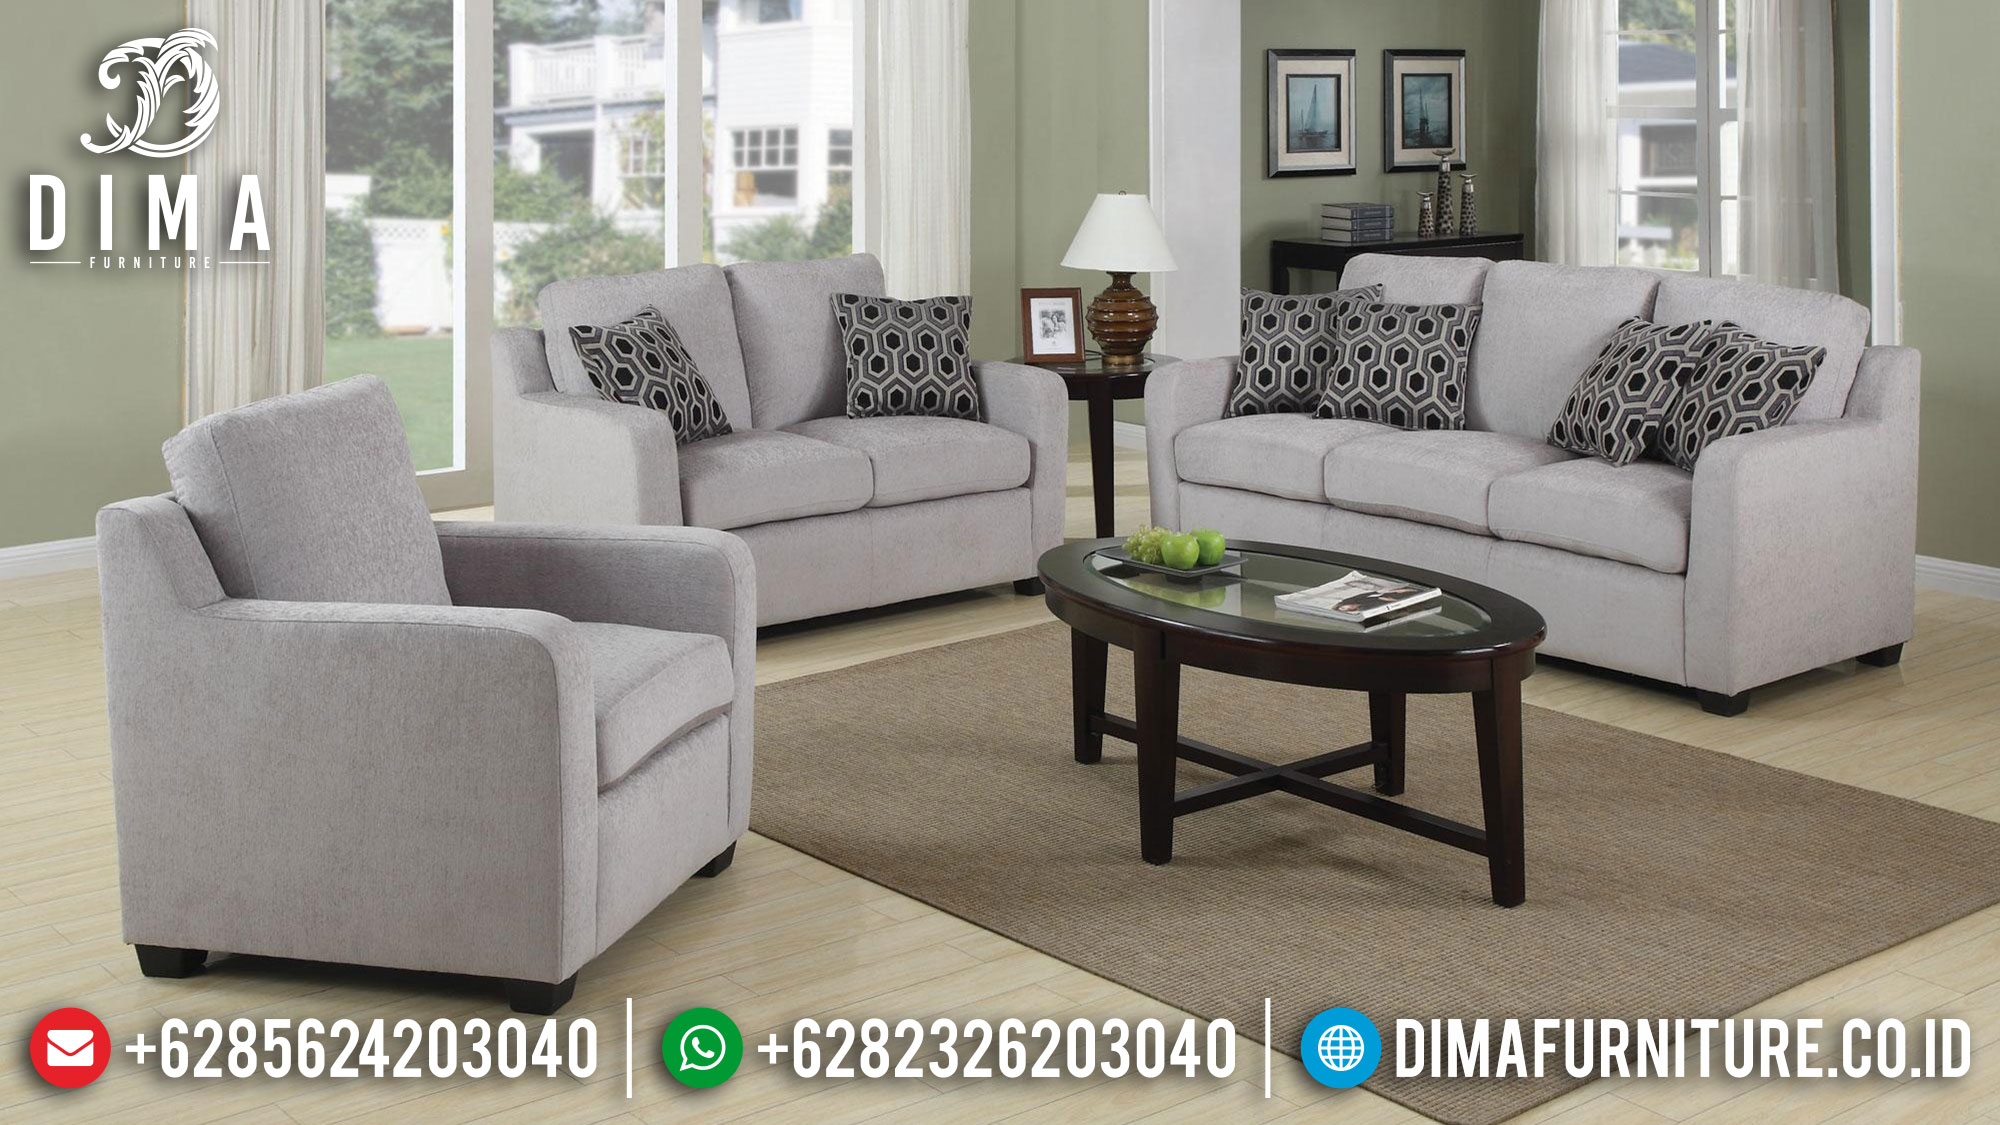 Sofa Tamu Jepara Mewah Minimalis Terbaru 18 Dima Furniture Jepara